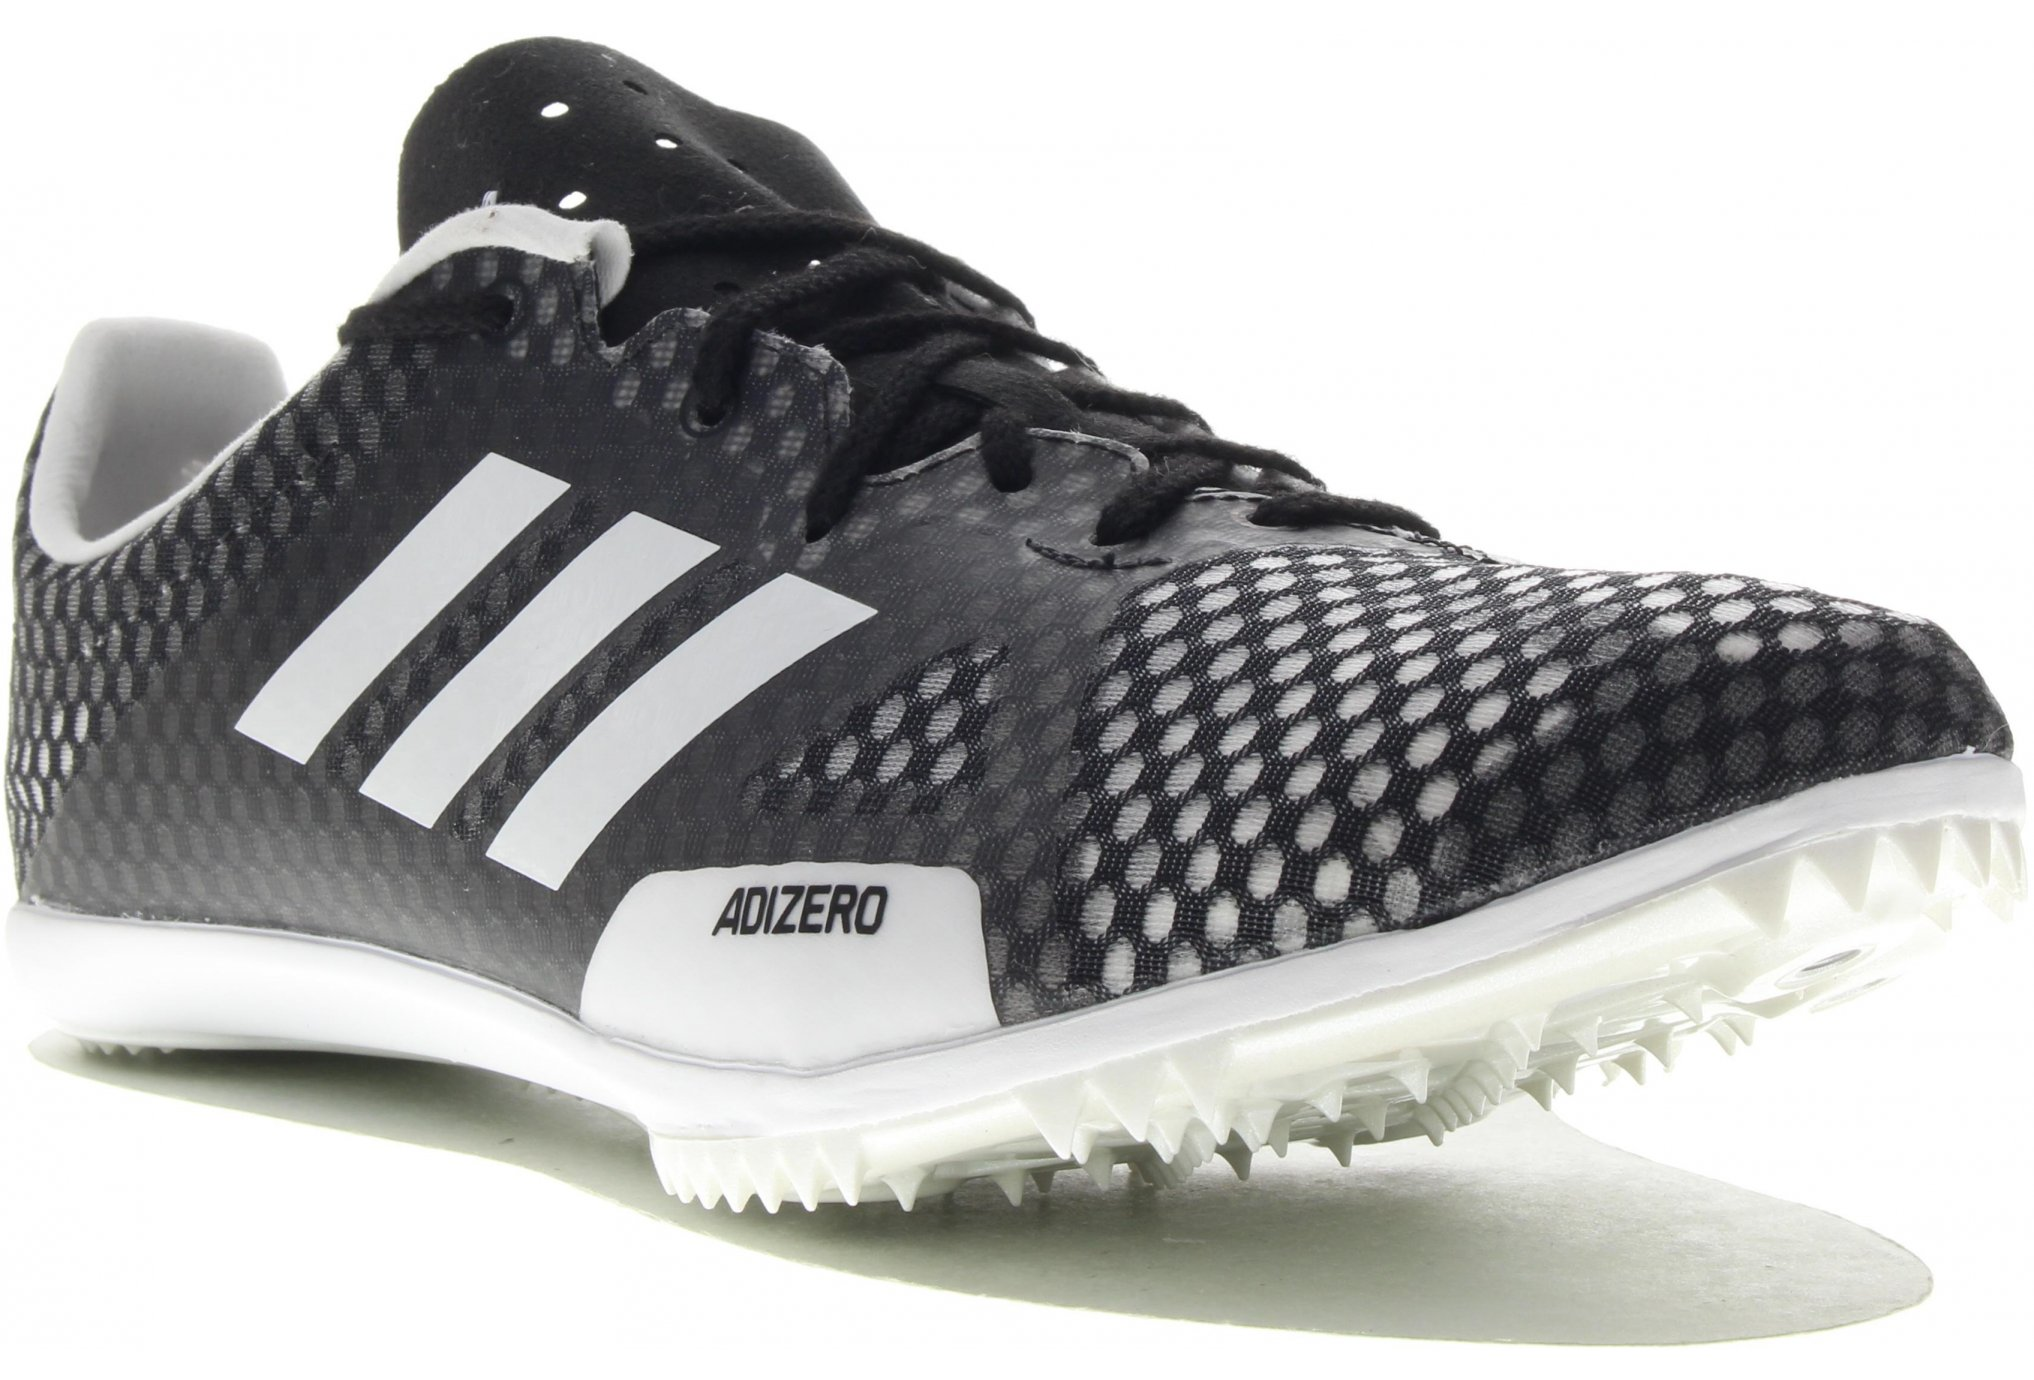 Adidas Adizero ambition 4 w diététique chaussures femme